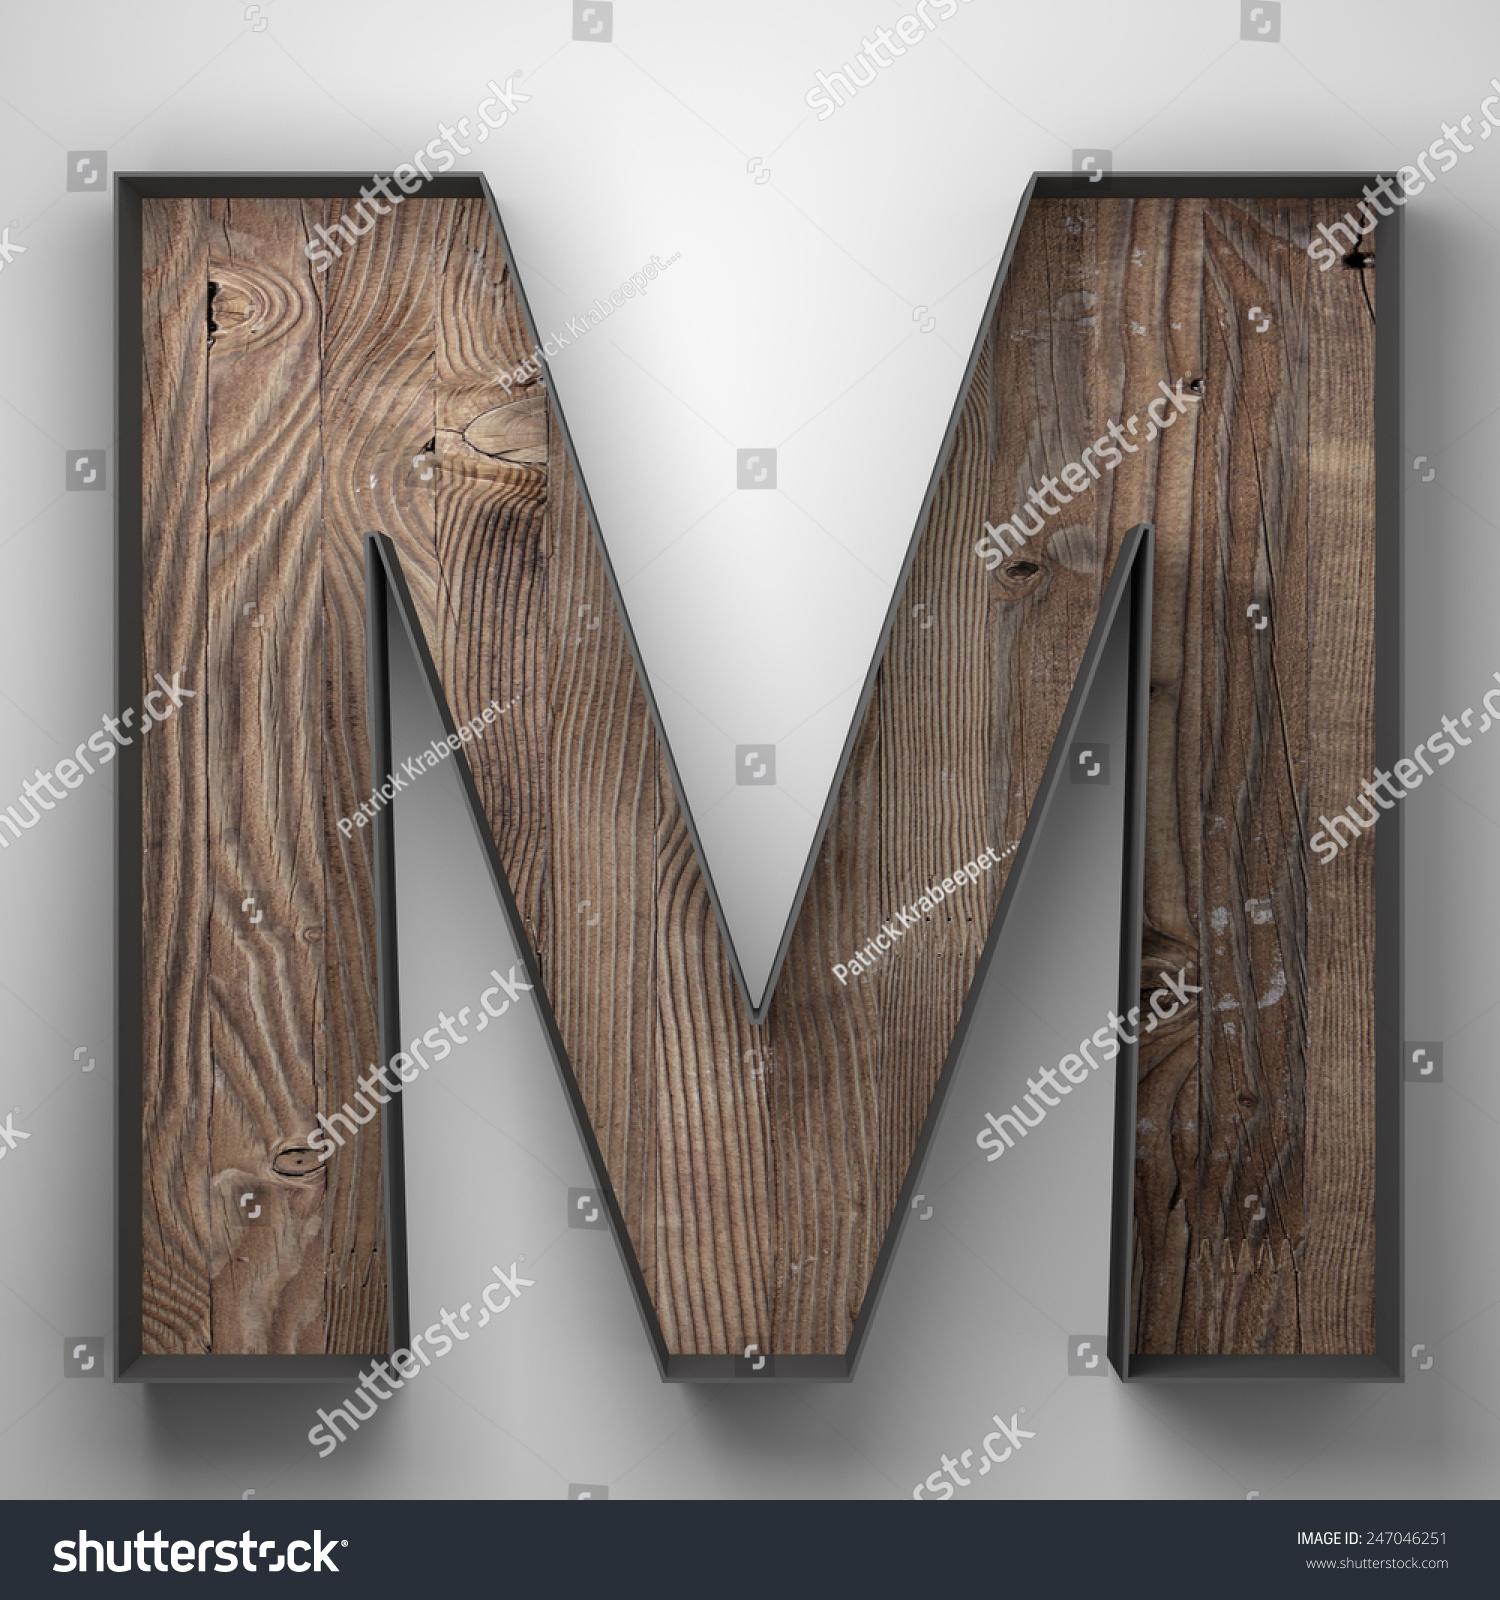 vintage wooden letter m with metal frame 247046251